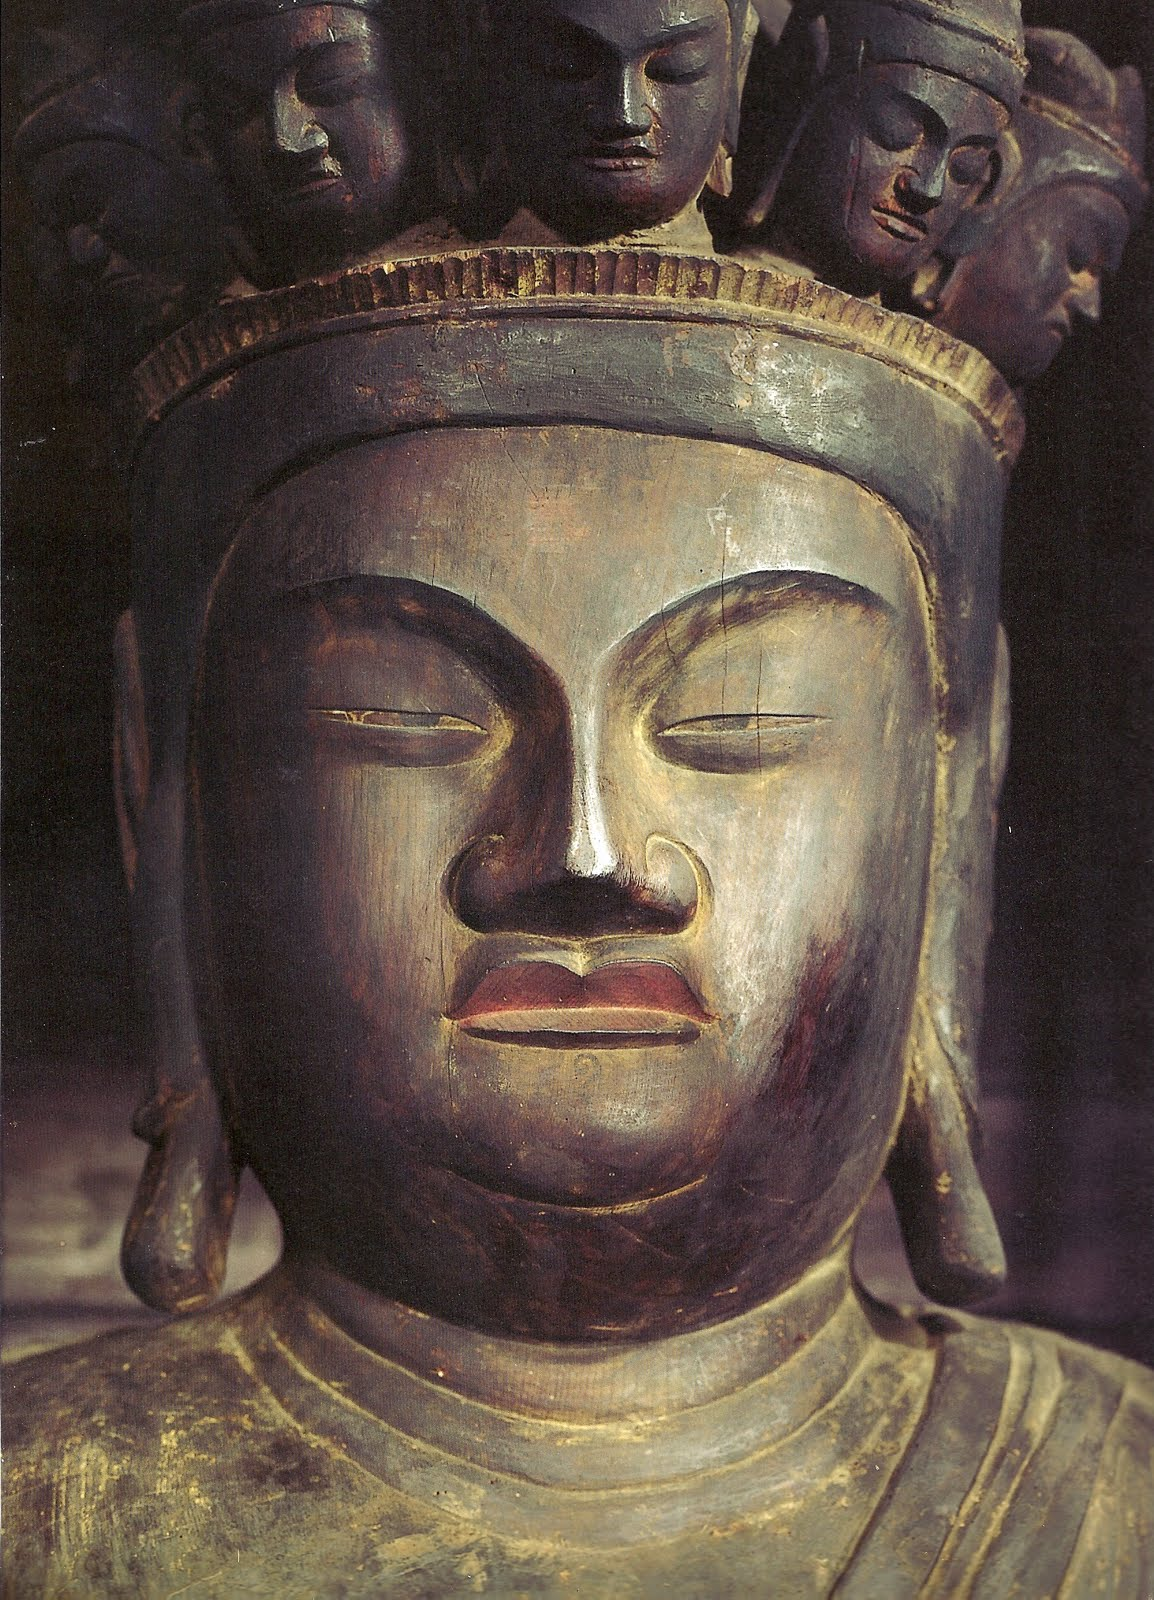 仏像クラブブログ: 白洲正子神と仏、自然への祈り展②(神像のような十一...  白洲正子神と仏、